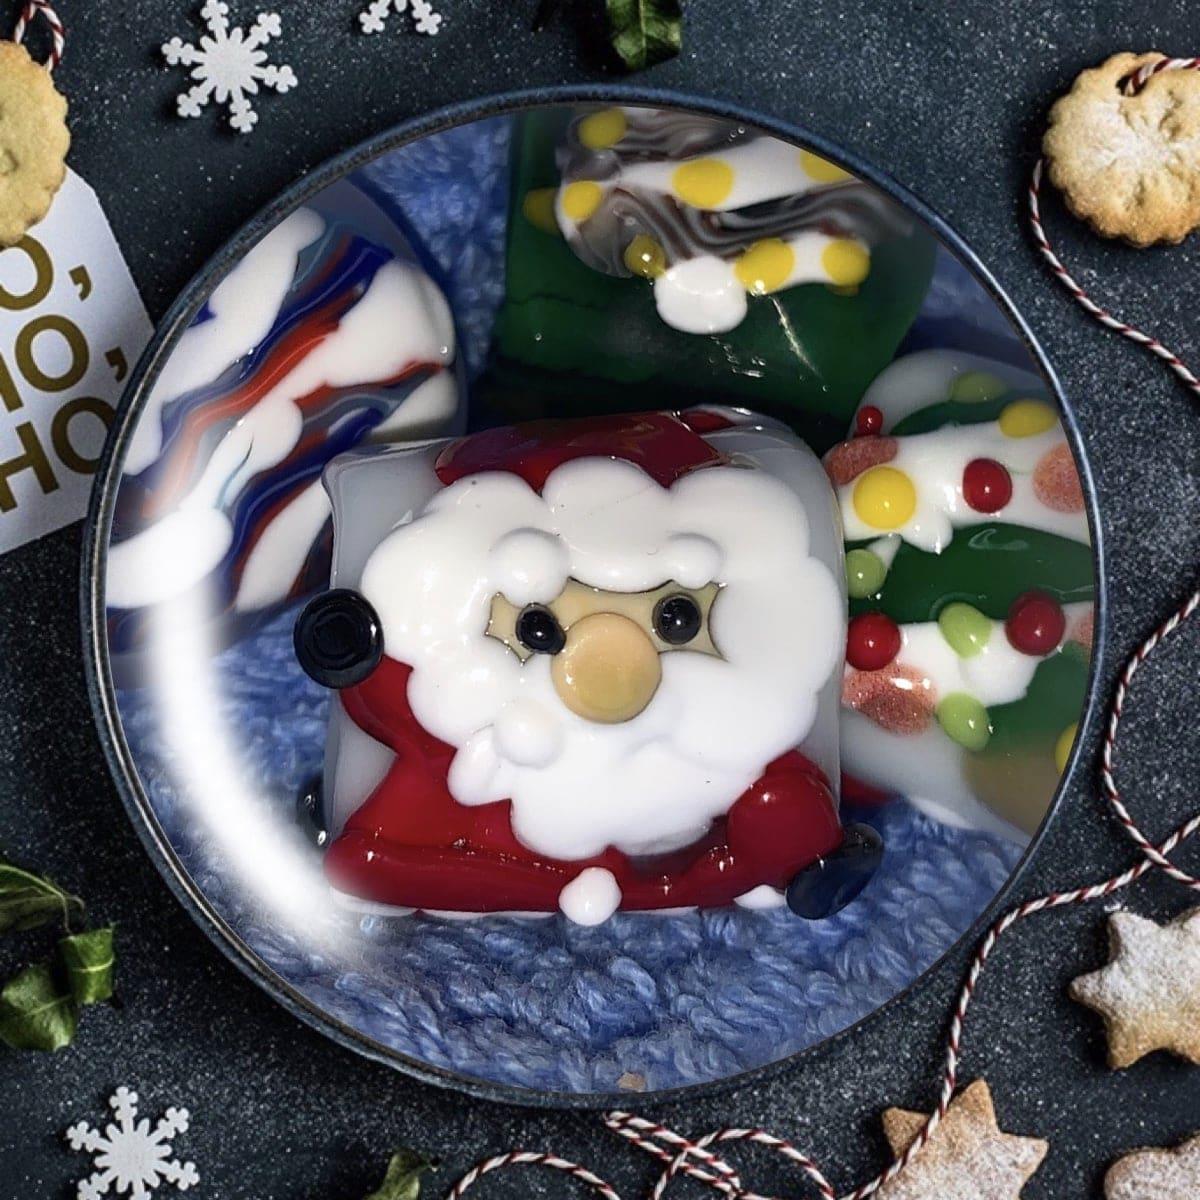 かのう様 クリスマス限定 とんぼ玉サンタ帯留めチケットのイメージその1